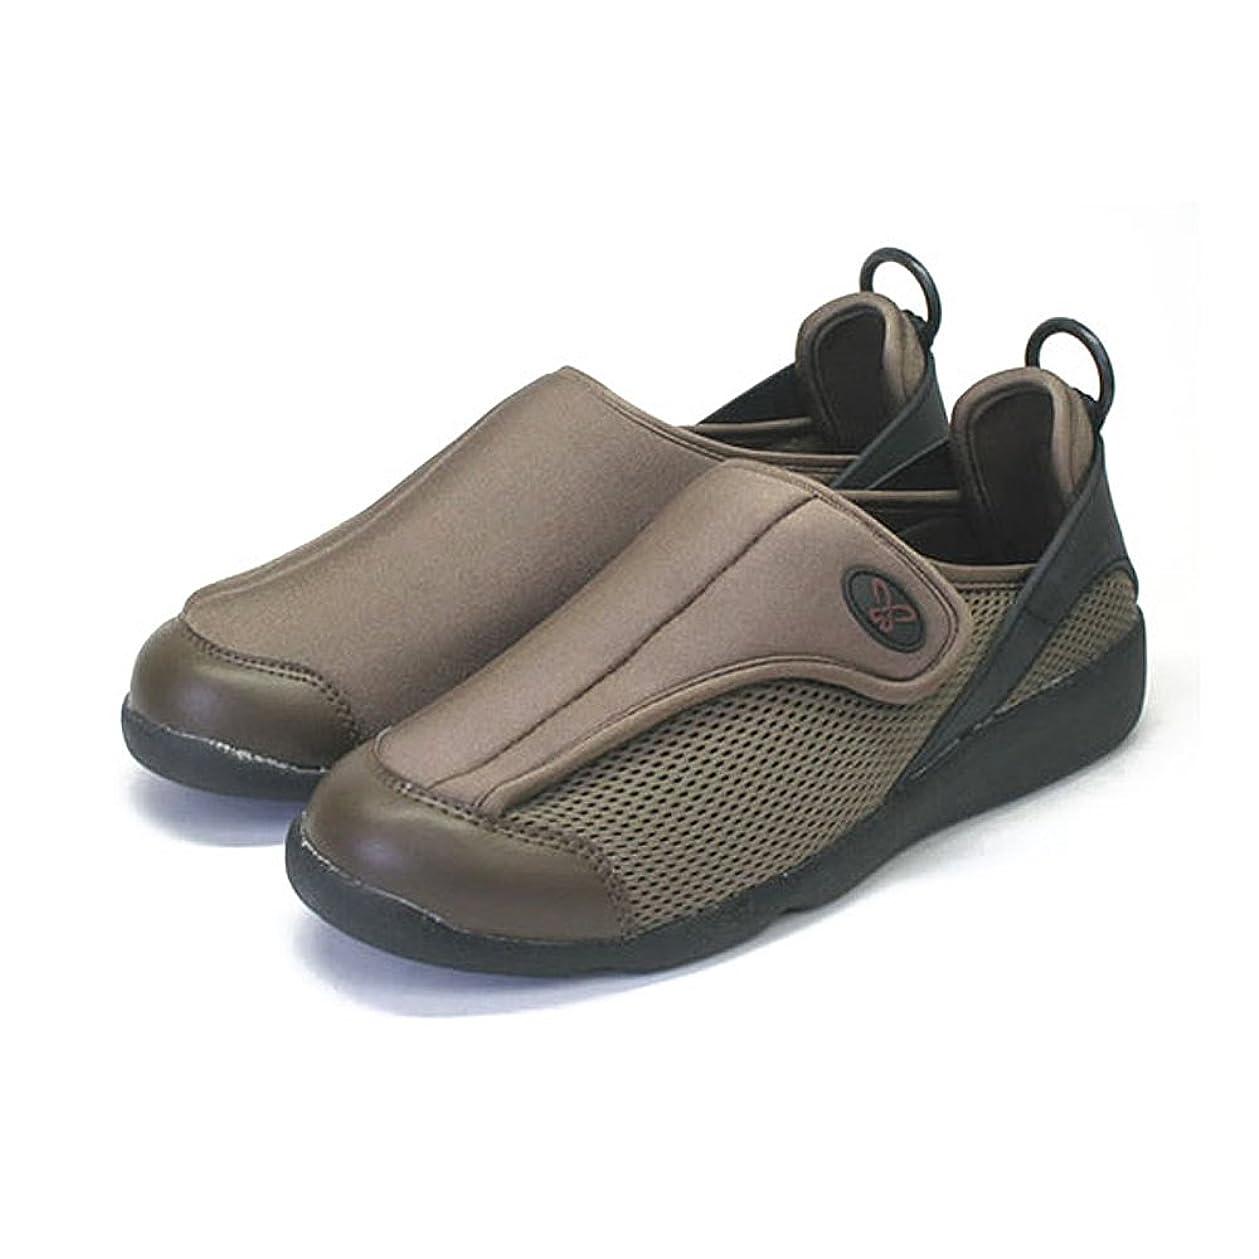 おじいちゃん閲覧する酸っぱいすたこらさんソフト100<ブラウン> 足に優しい抜群の履き心地、超軽量モデルで歩くのが楽しくなる (26.0-26.5cm)